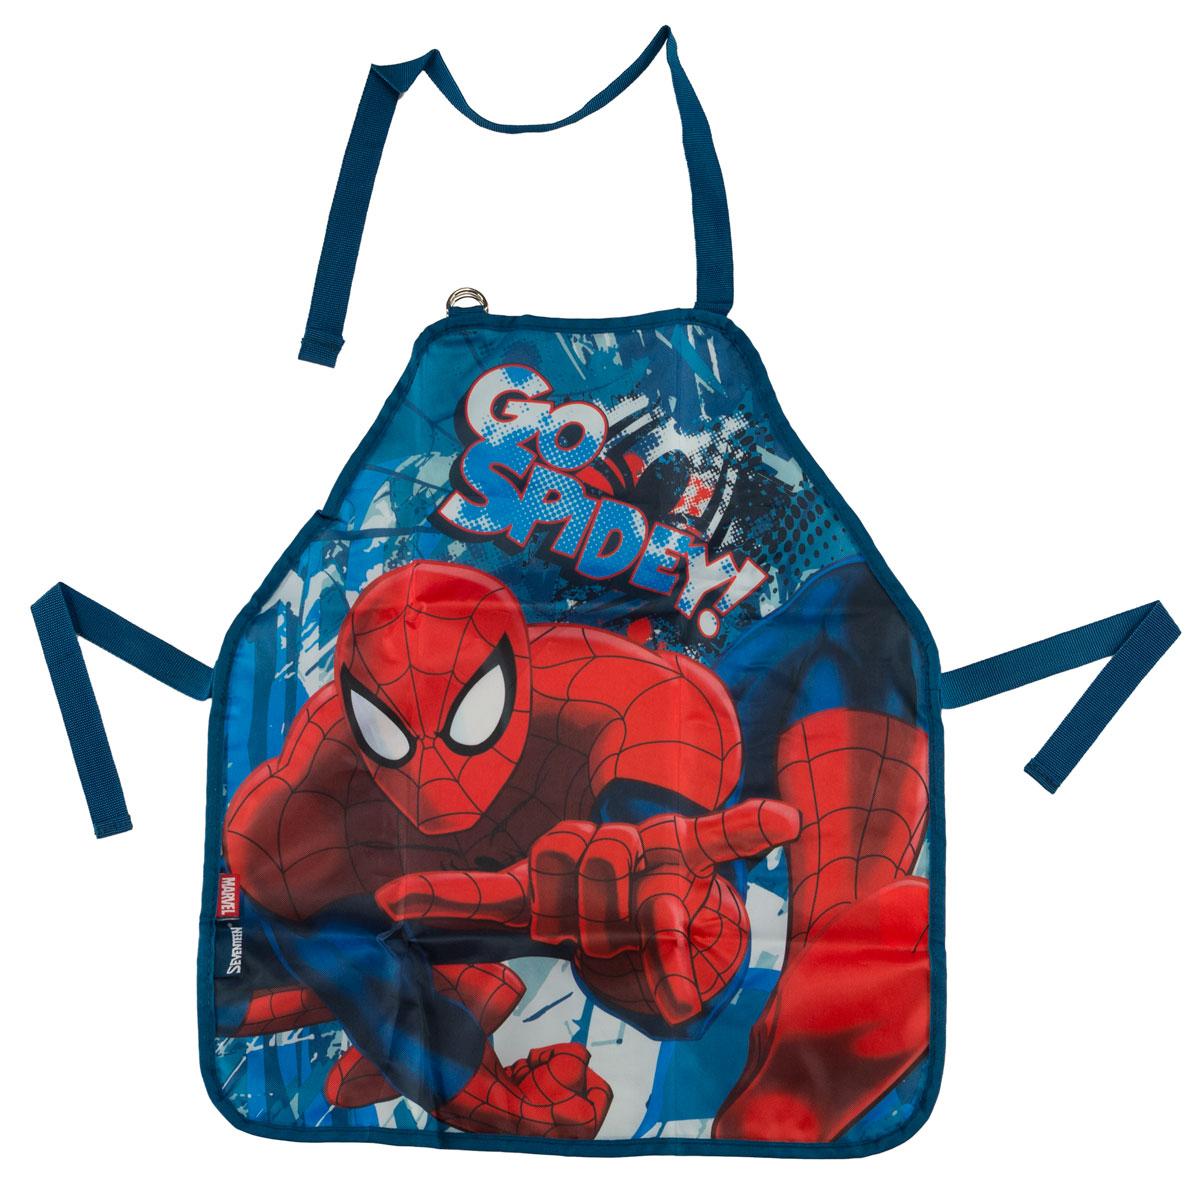 Фартук для детского творчества Spider-Man Classic, цвет: синий. SMCB-MT1-029M набор канцелярский spider man classic 5 предметов smcb us1 360